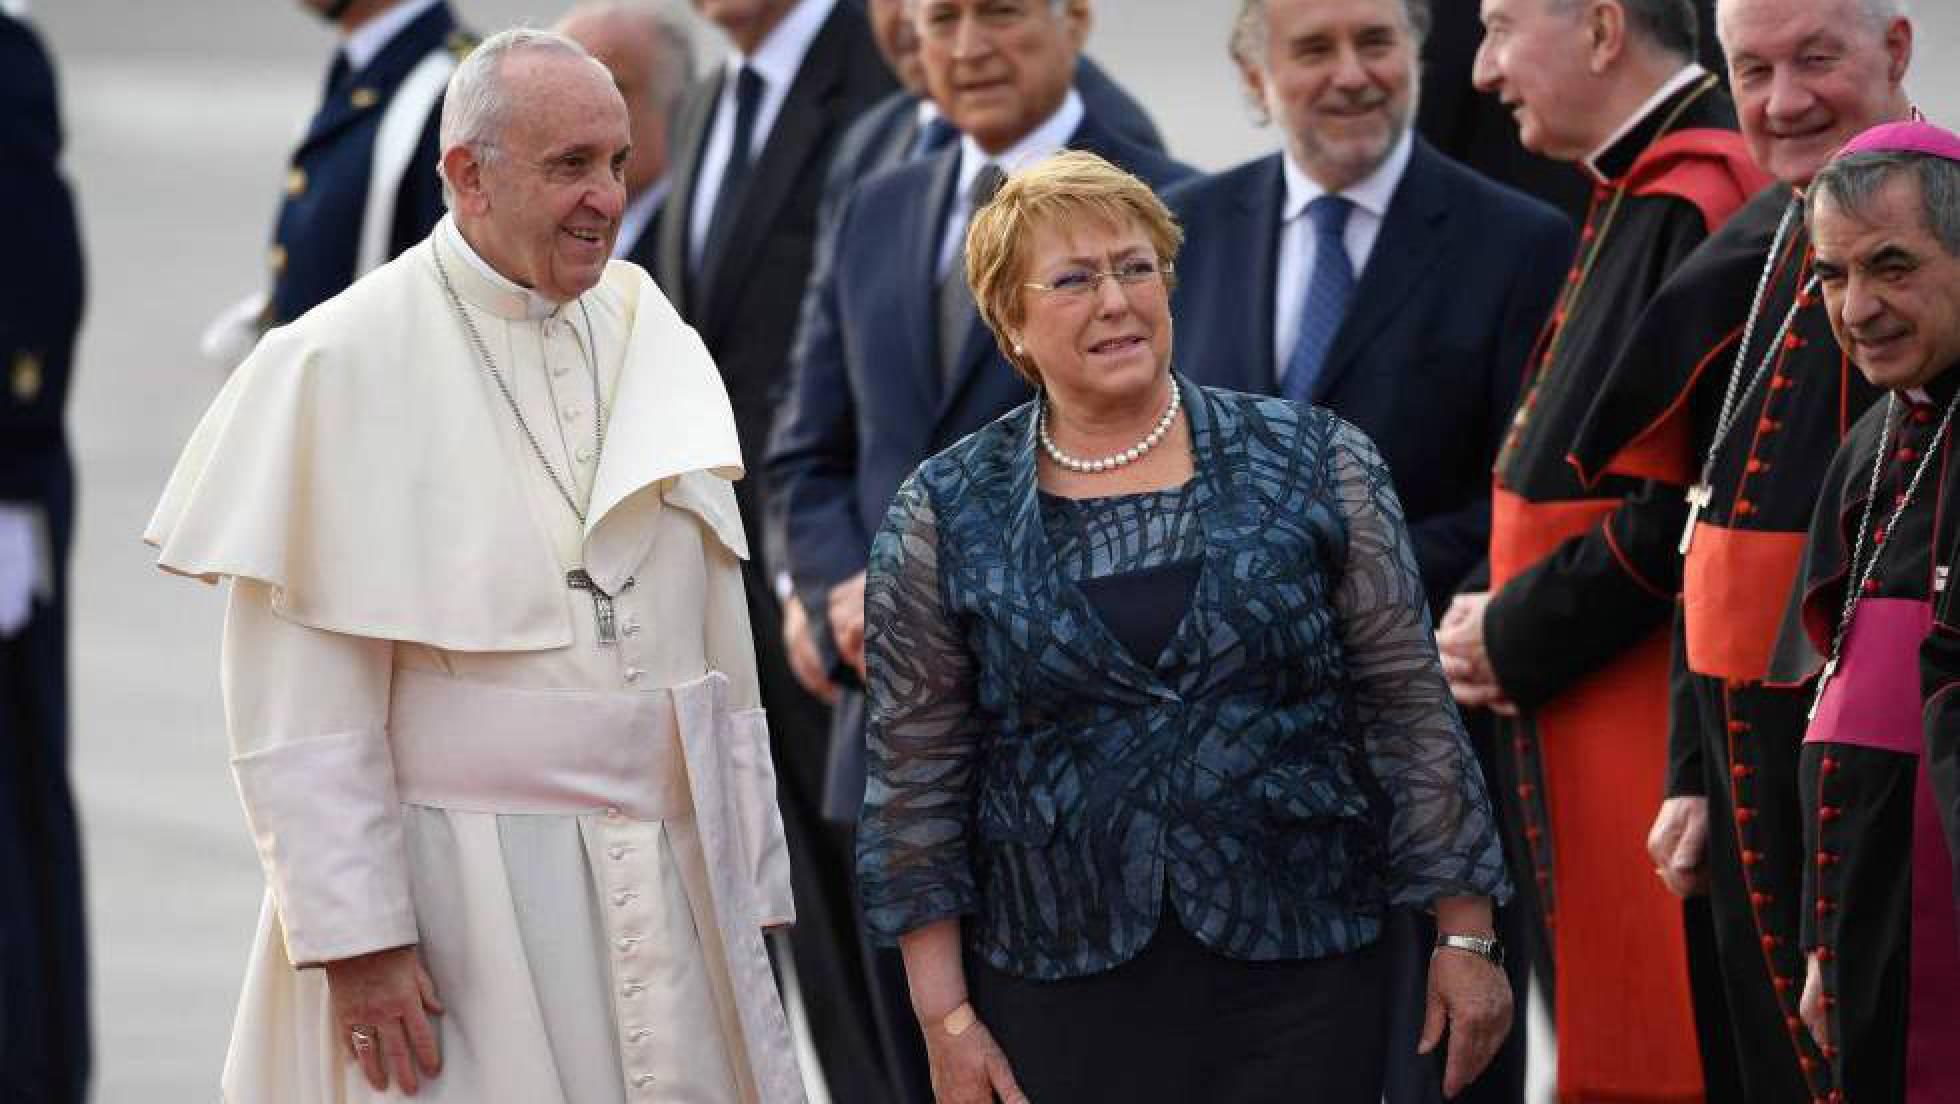 El Papa revisa su posición sobre la pederastia en Chile y anuncia una investigación